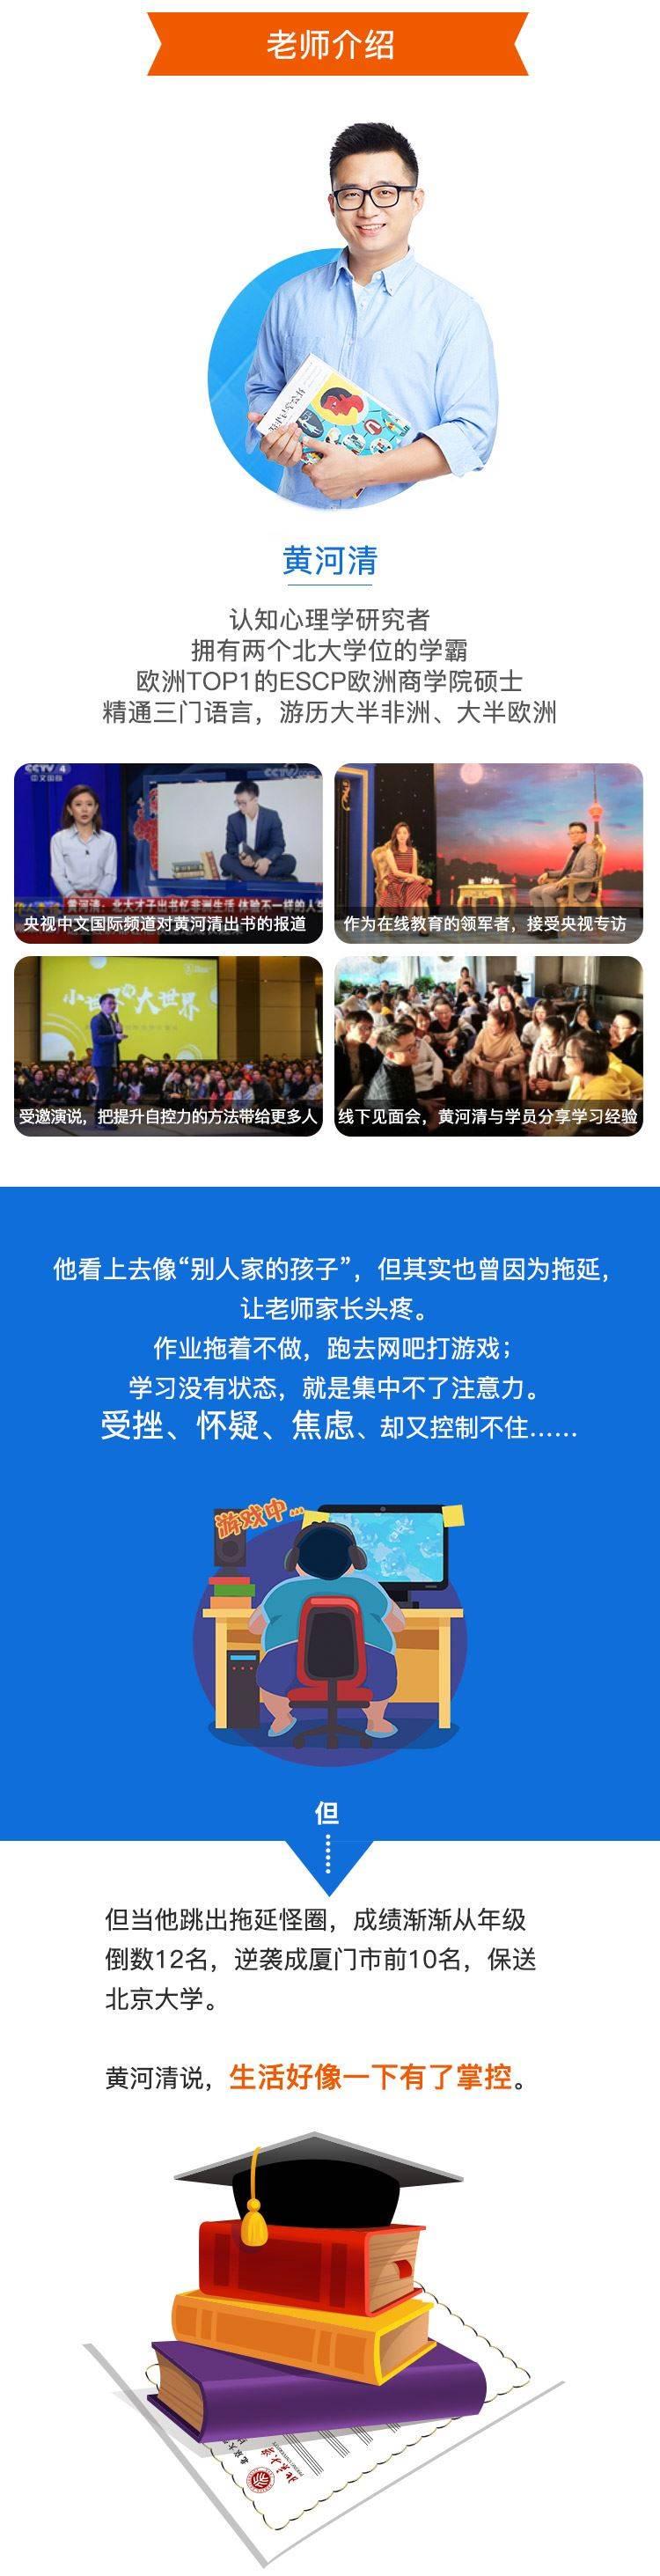 二十三天战胜拖延症-页面-定_03.jpg